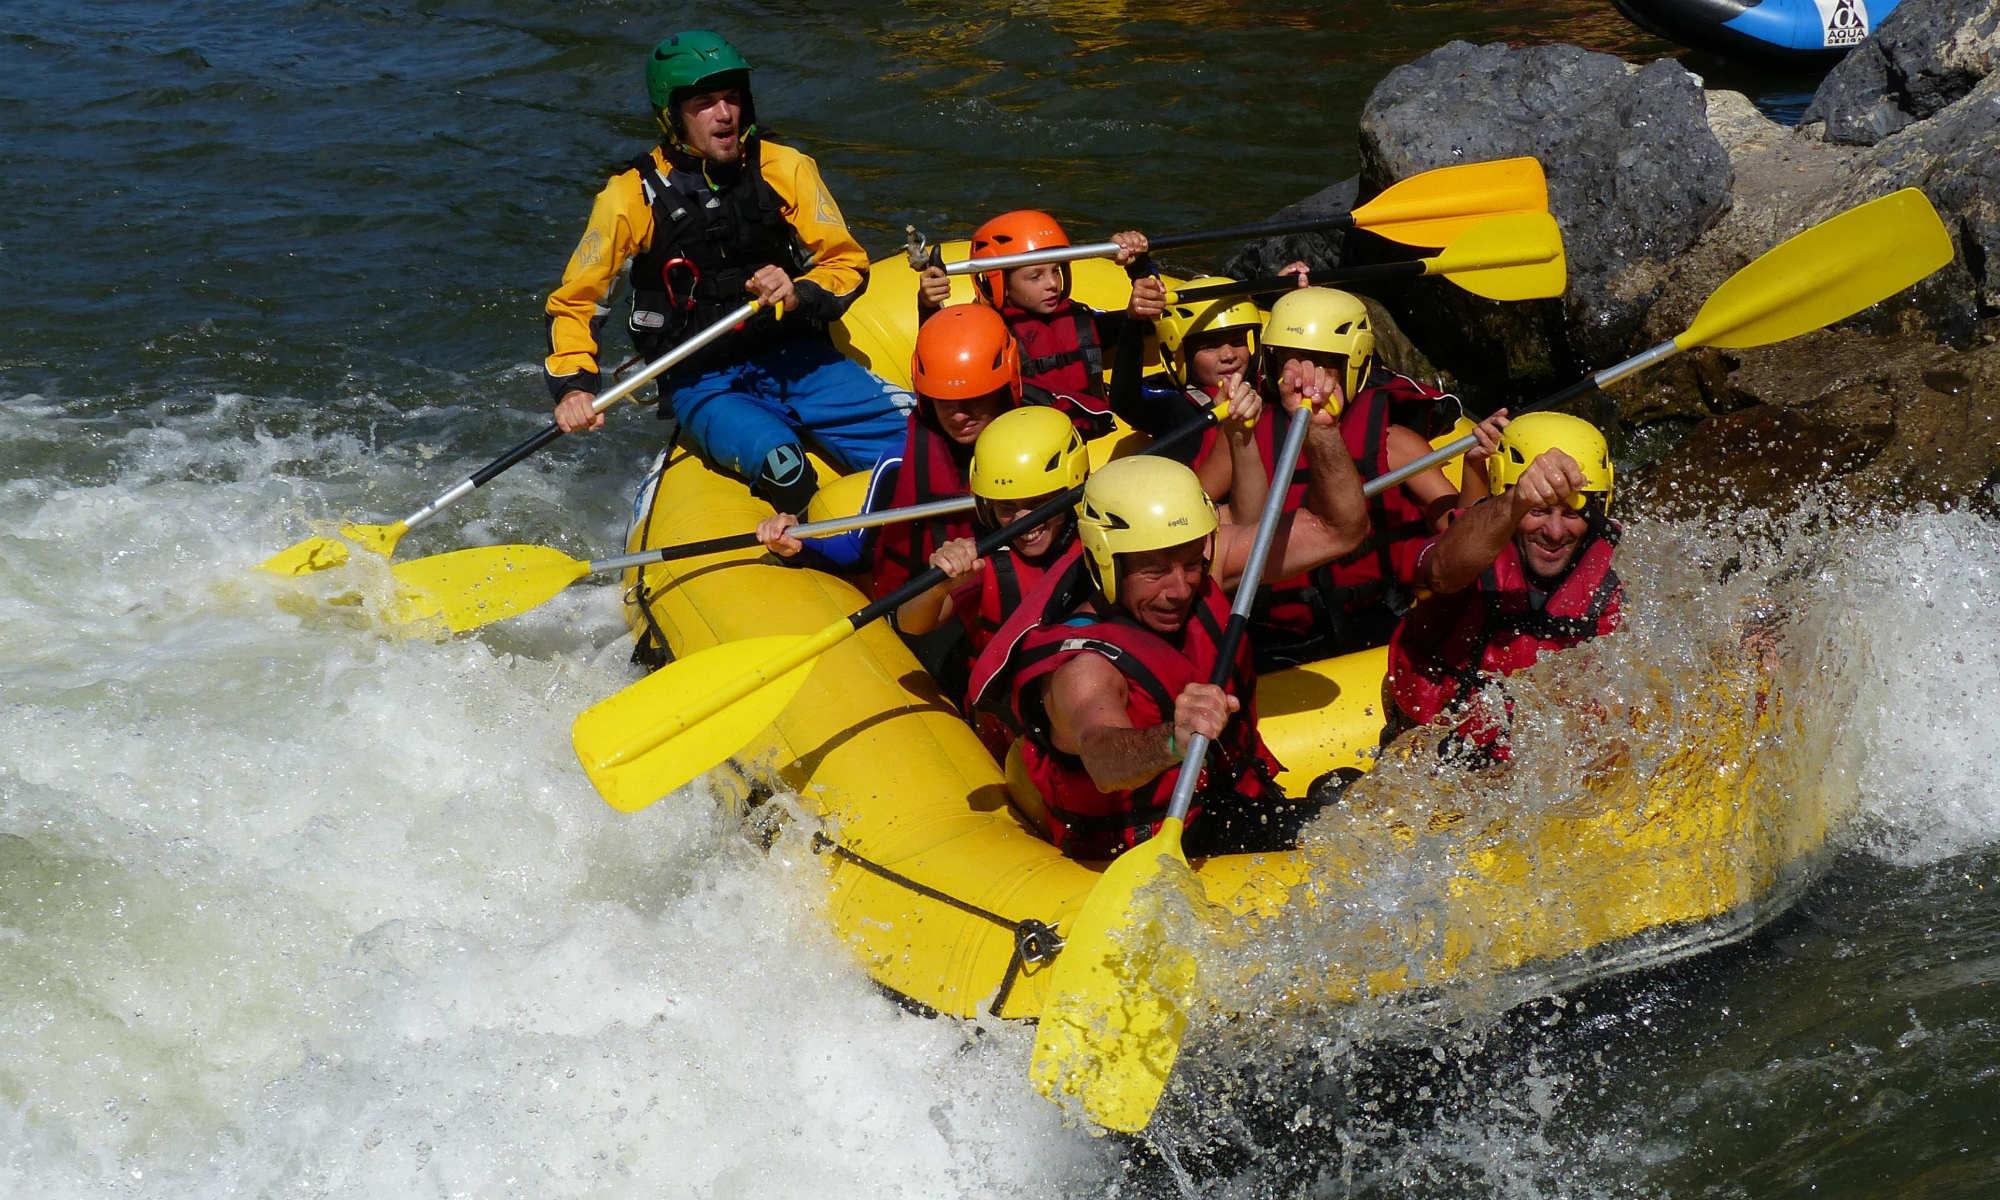 Un groupe dans un raft dans les rapides de la Nive.